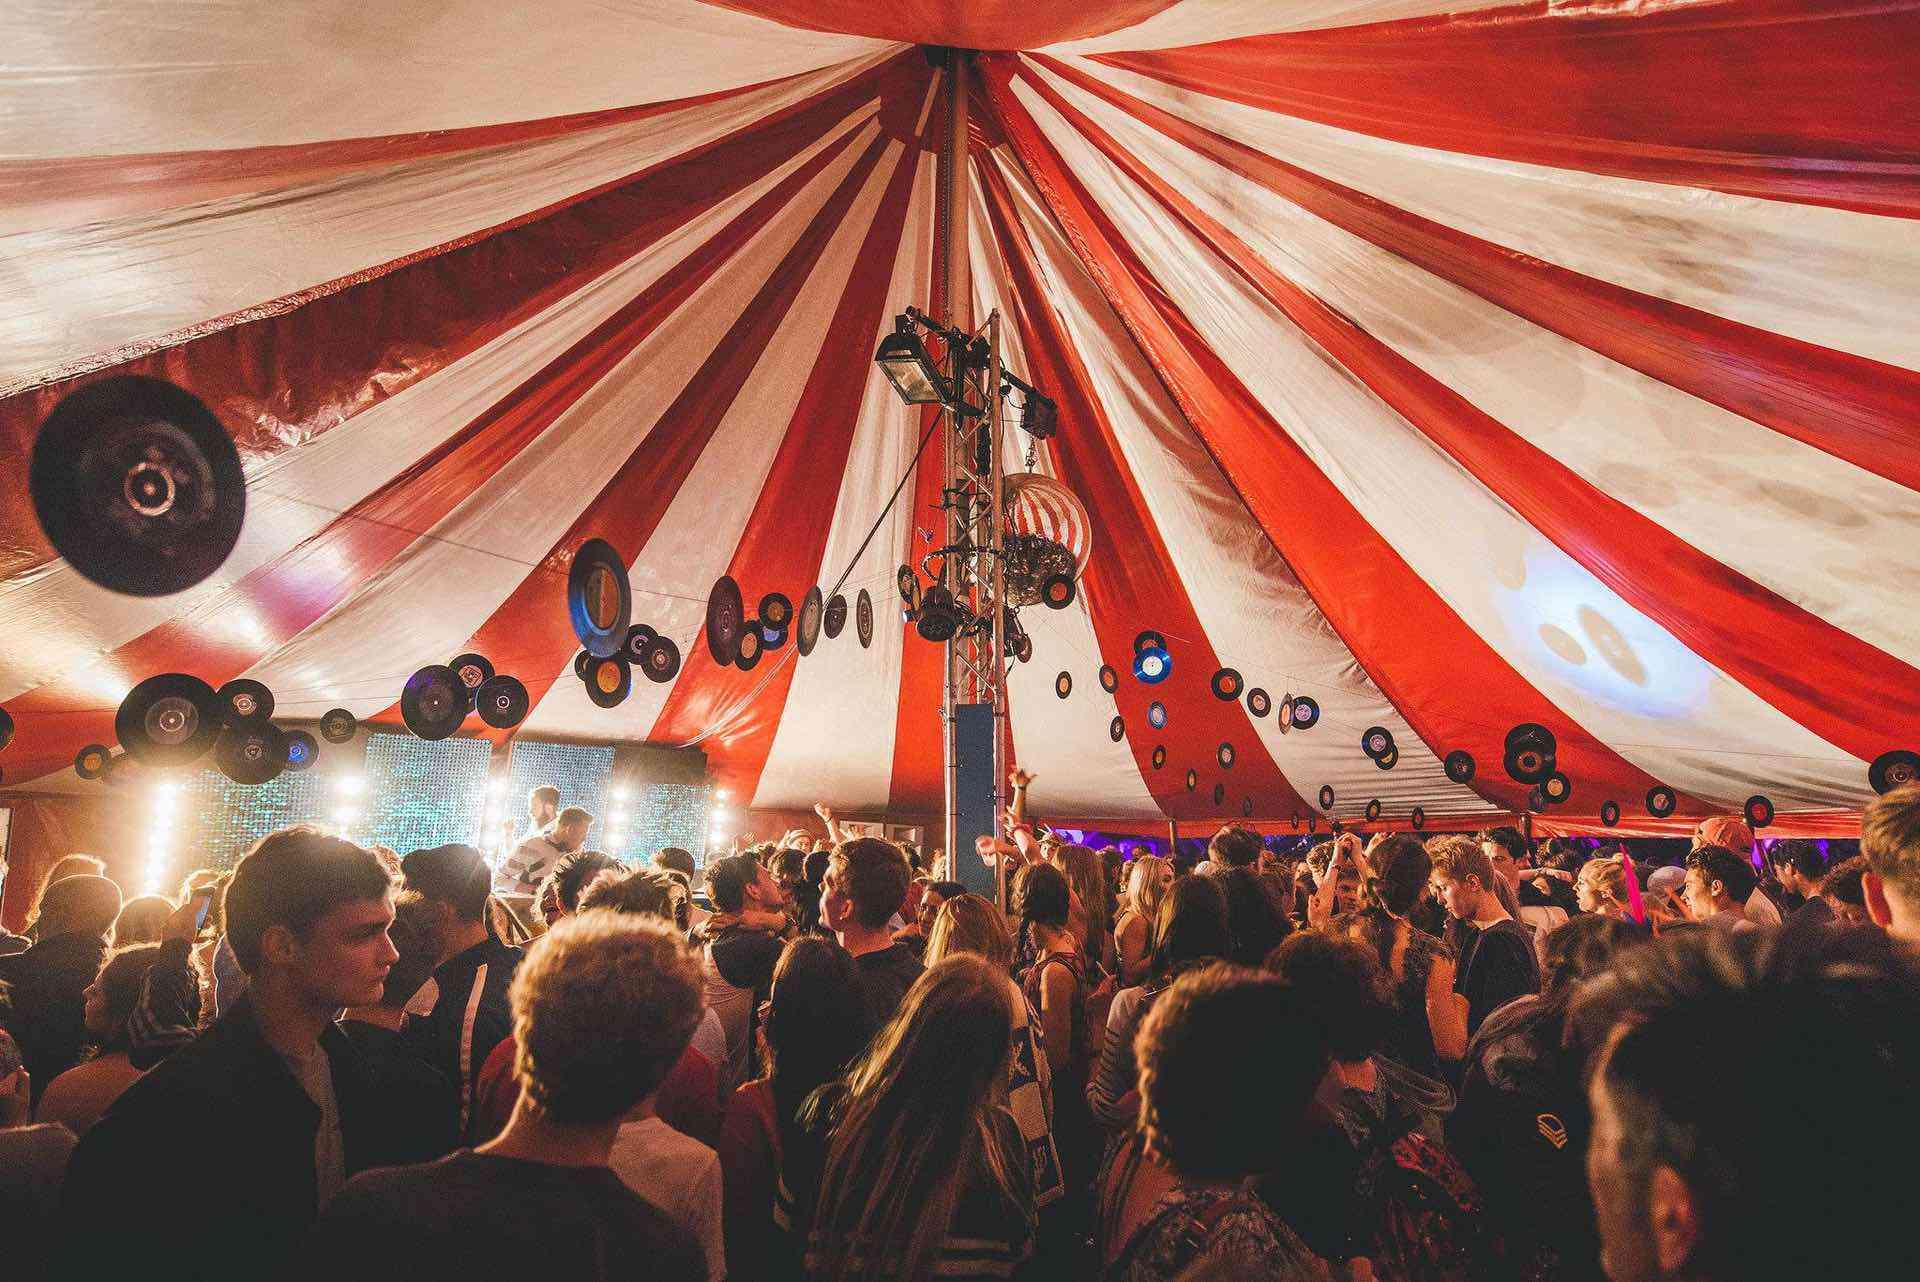 Port Eliot festival dance tent venue.